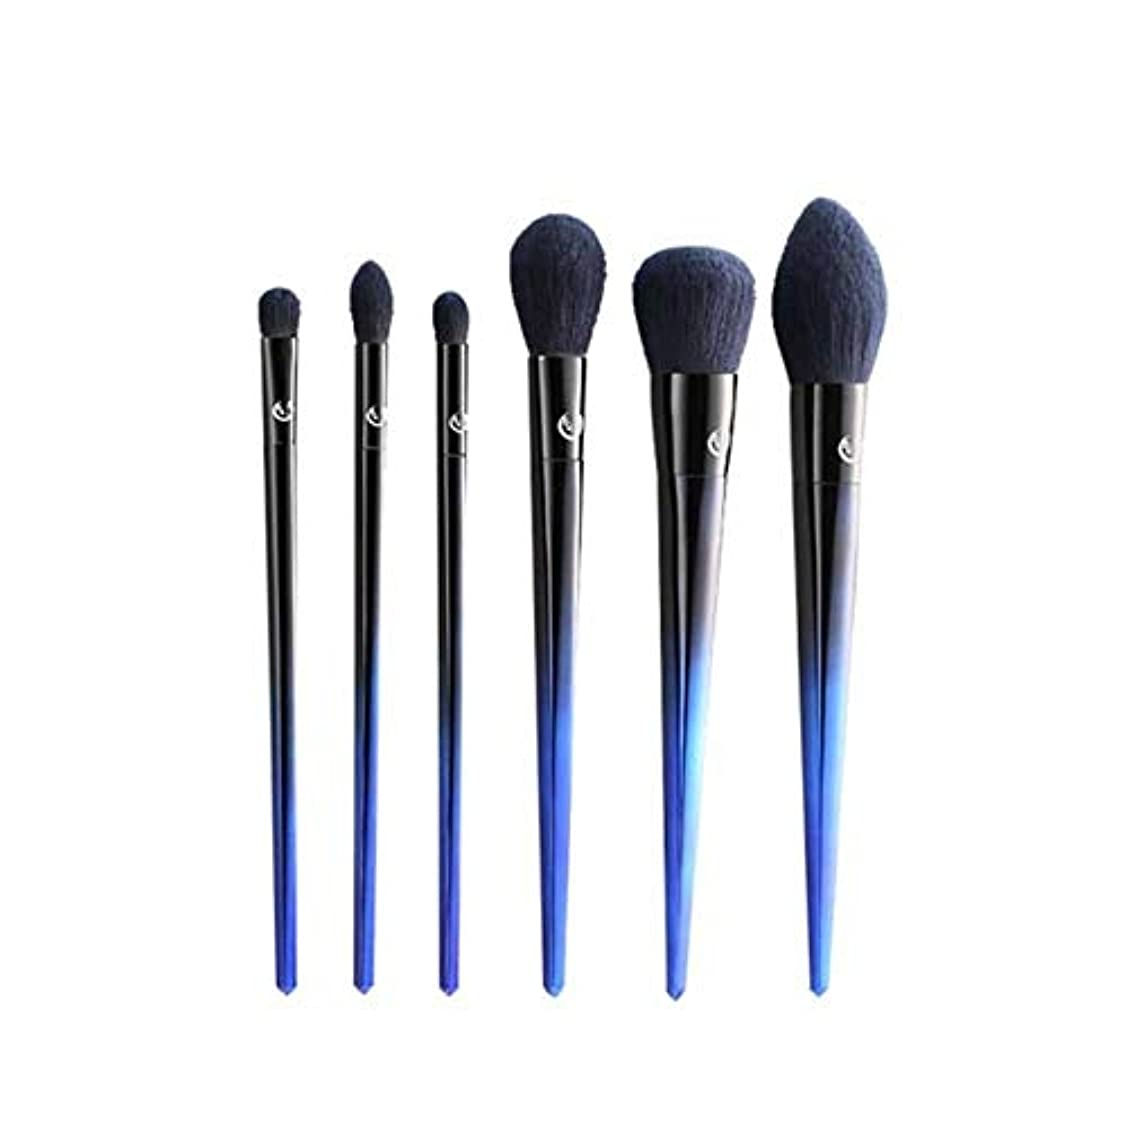 出力火炎半円TUOFL メイクブラシ、6つのメイクブラシセット、アイ?フェイシャル?ルースパウダーブラッシュスマッジ美容ツール、プロフェッショナル初心者メイクアップツール、ブルー (Color : Blue)